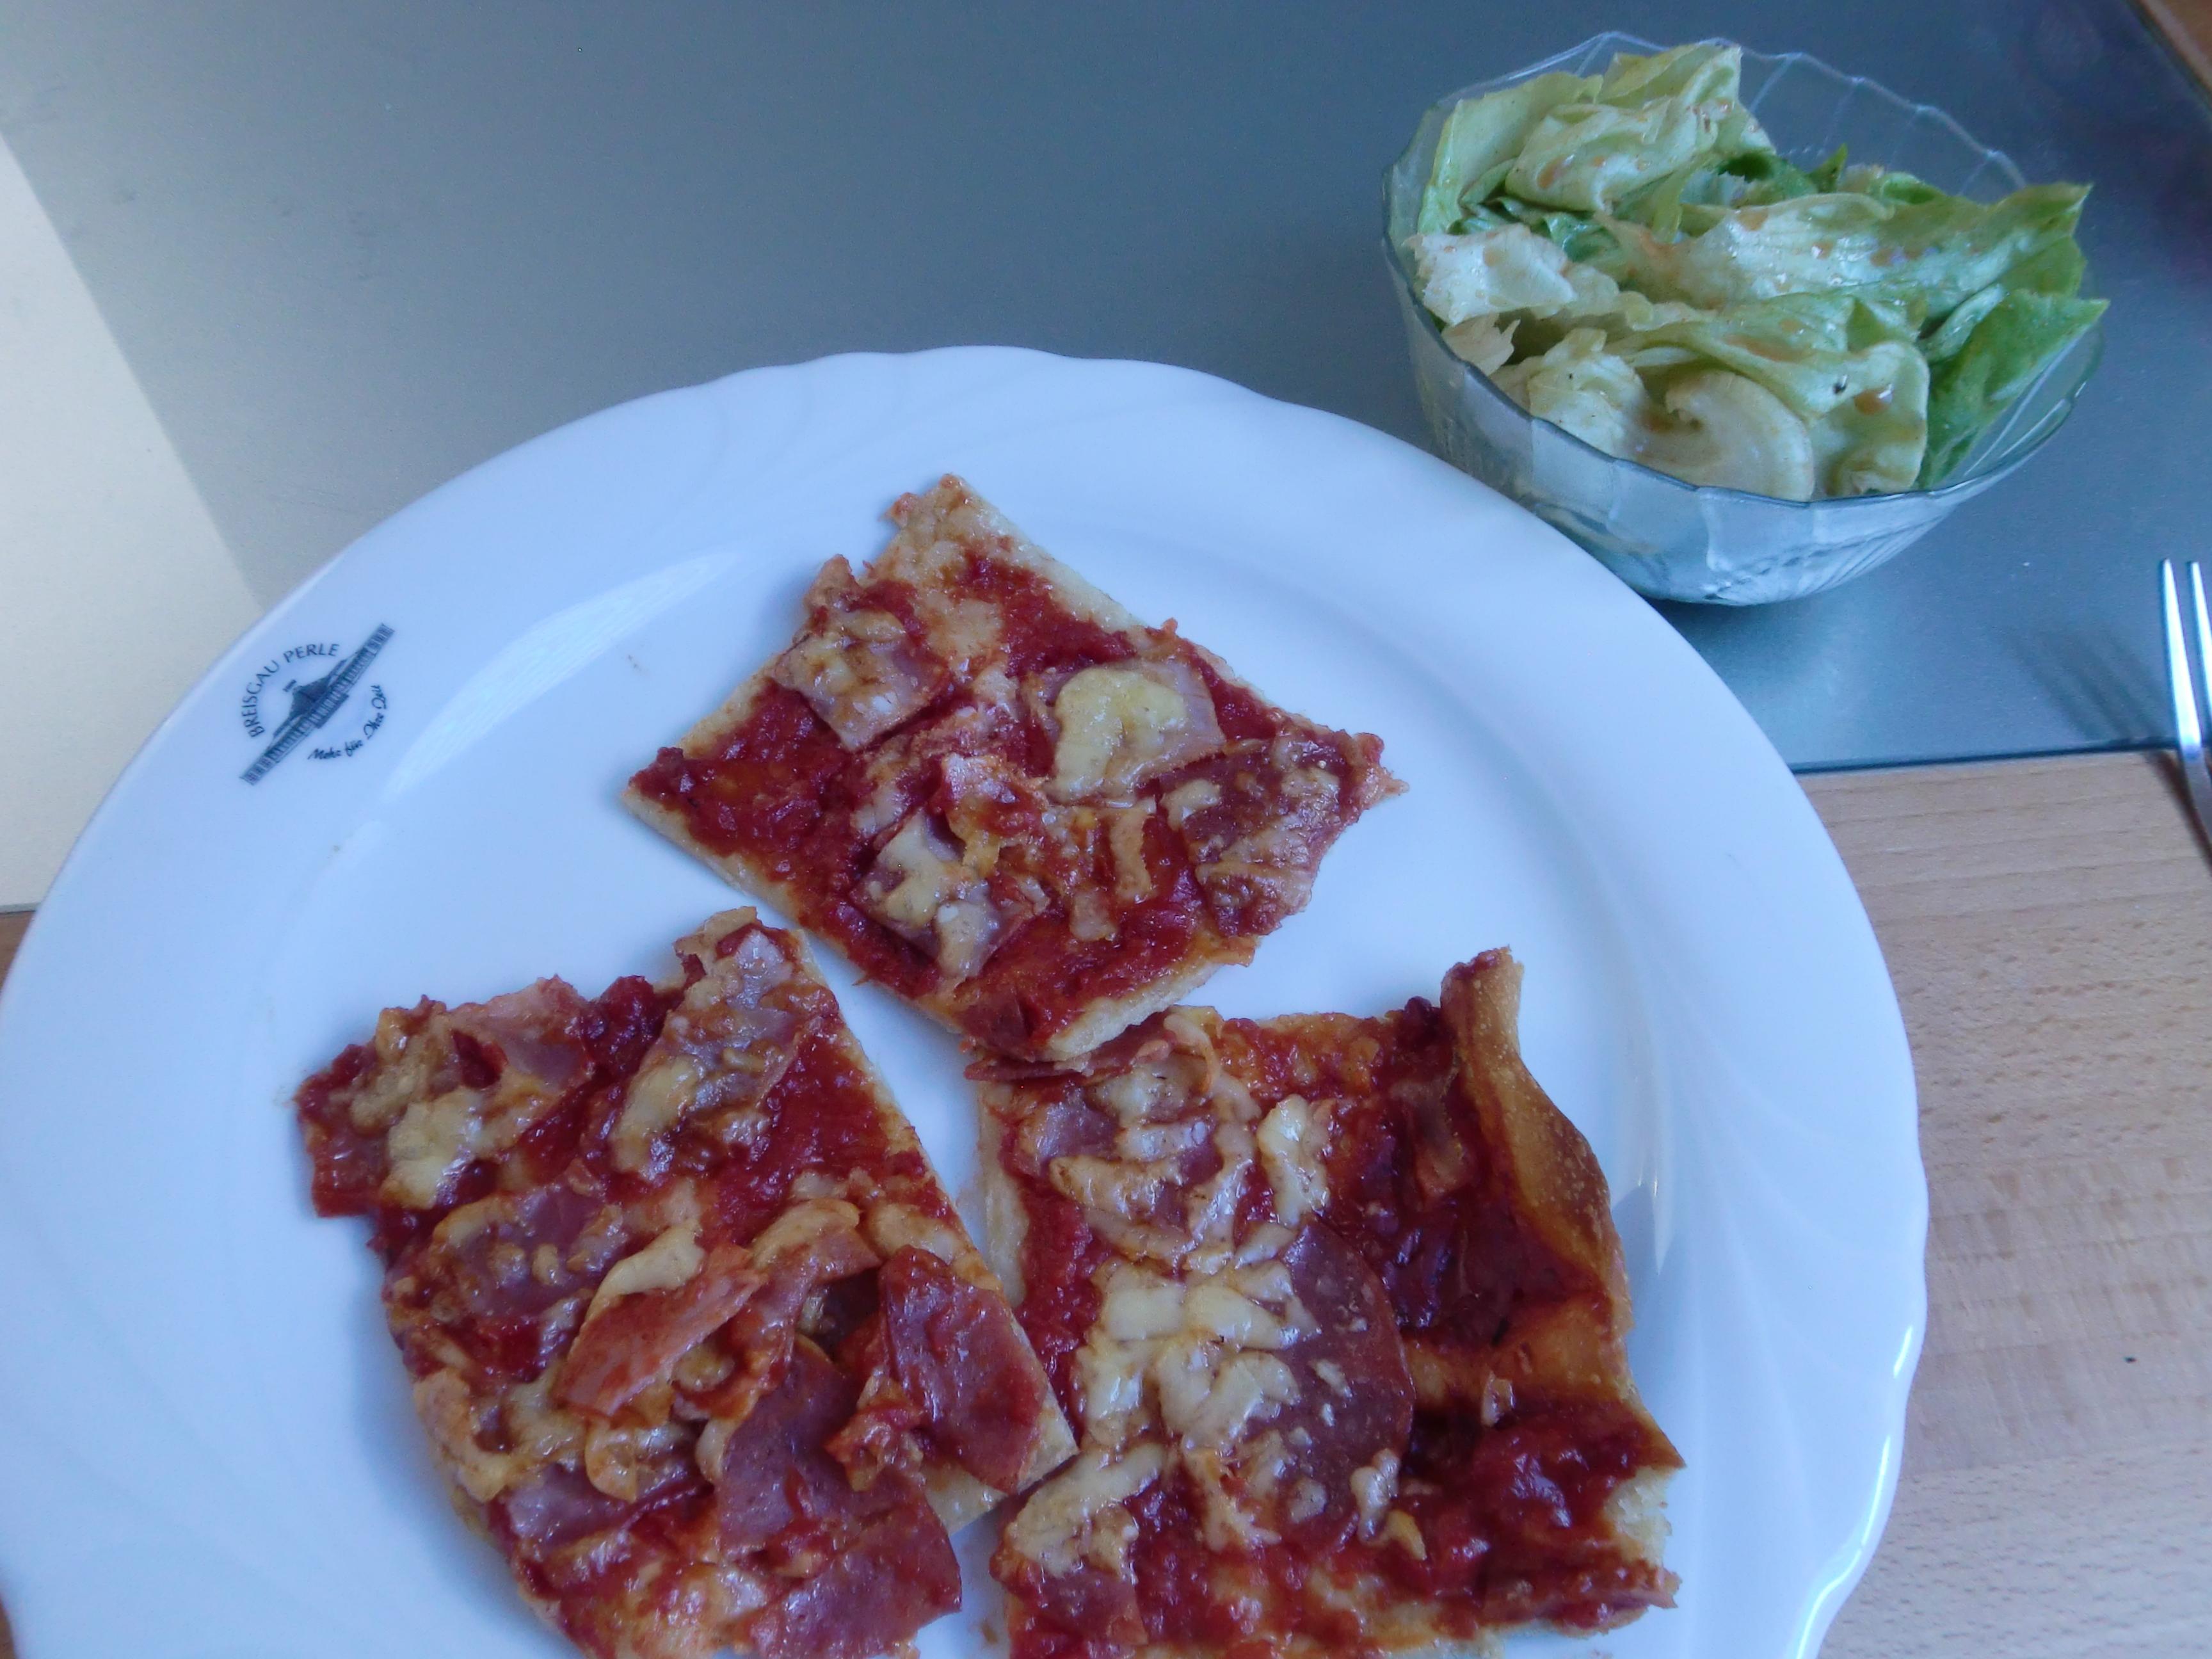 Selfmade Pizza and Salad